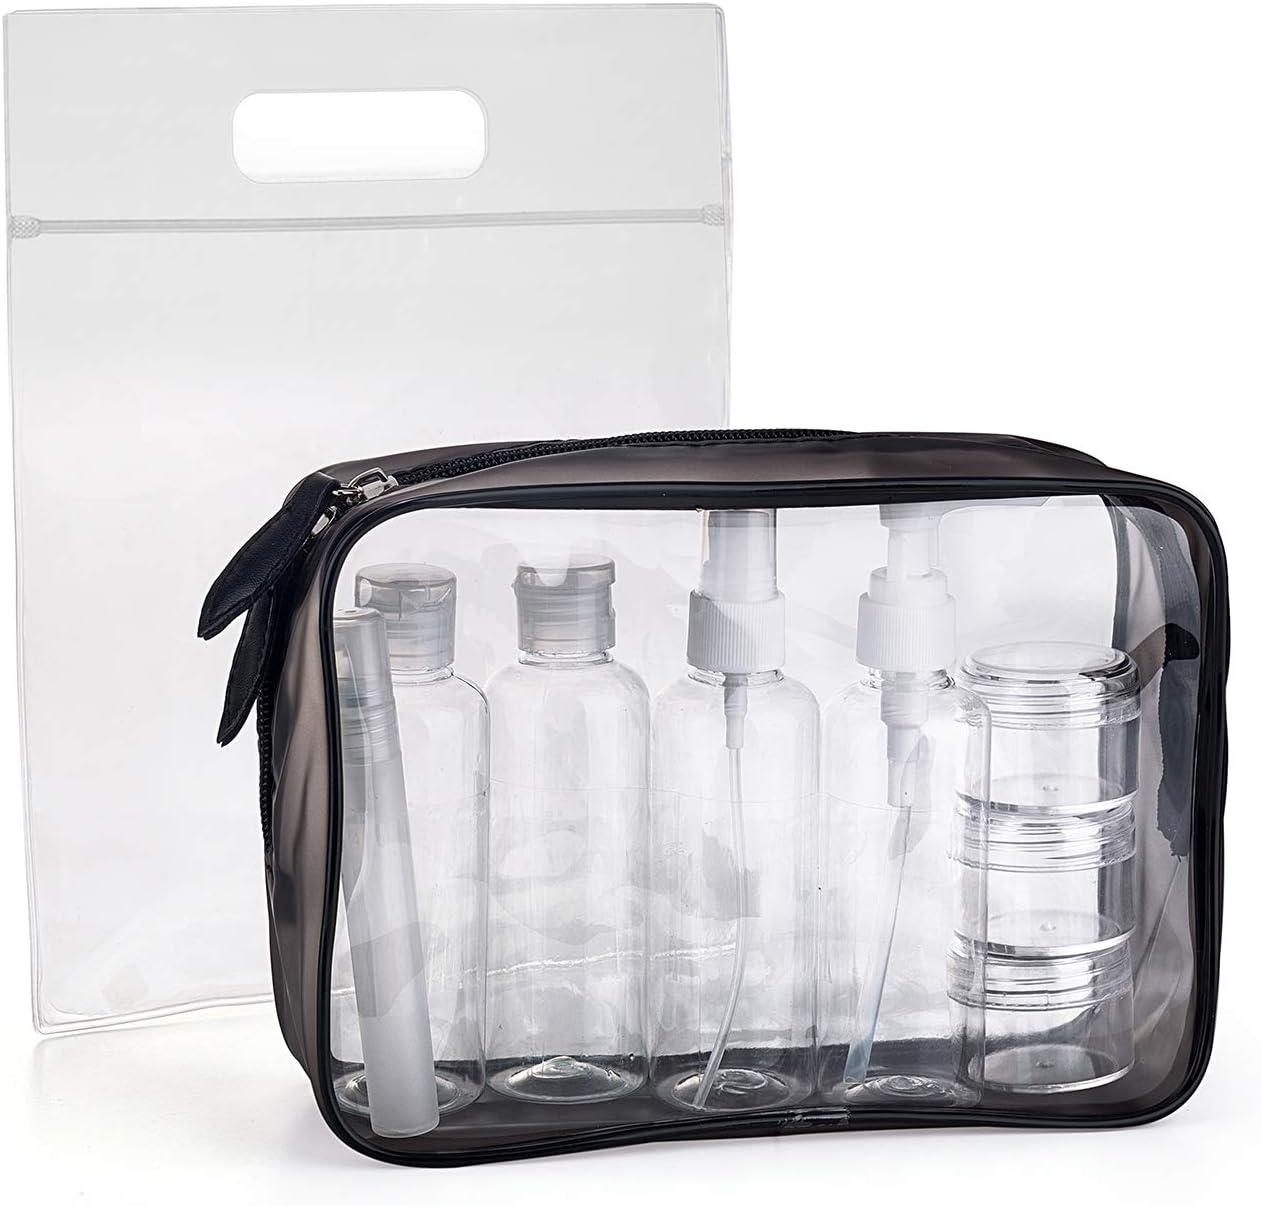 MOCOCITO Neceser Transparente con 8 Botellas de Viaje (MAX.100ml) y 1 Bolsa de Vuelo para Líquidos (20cm x 20cm,1L), Bolsa de Cosméticos Impermeable para Hombre y Mujer